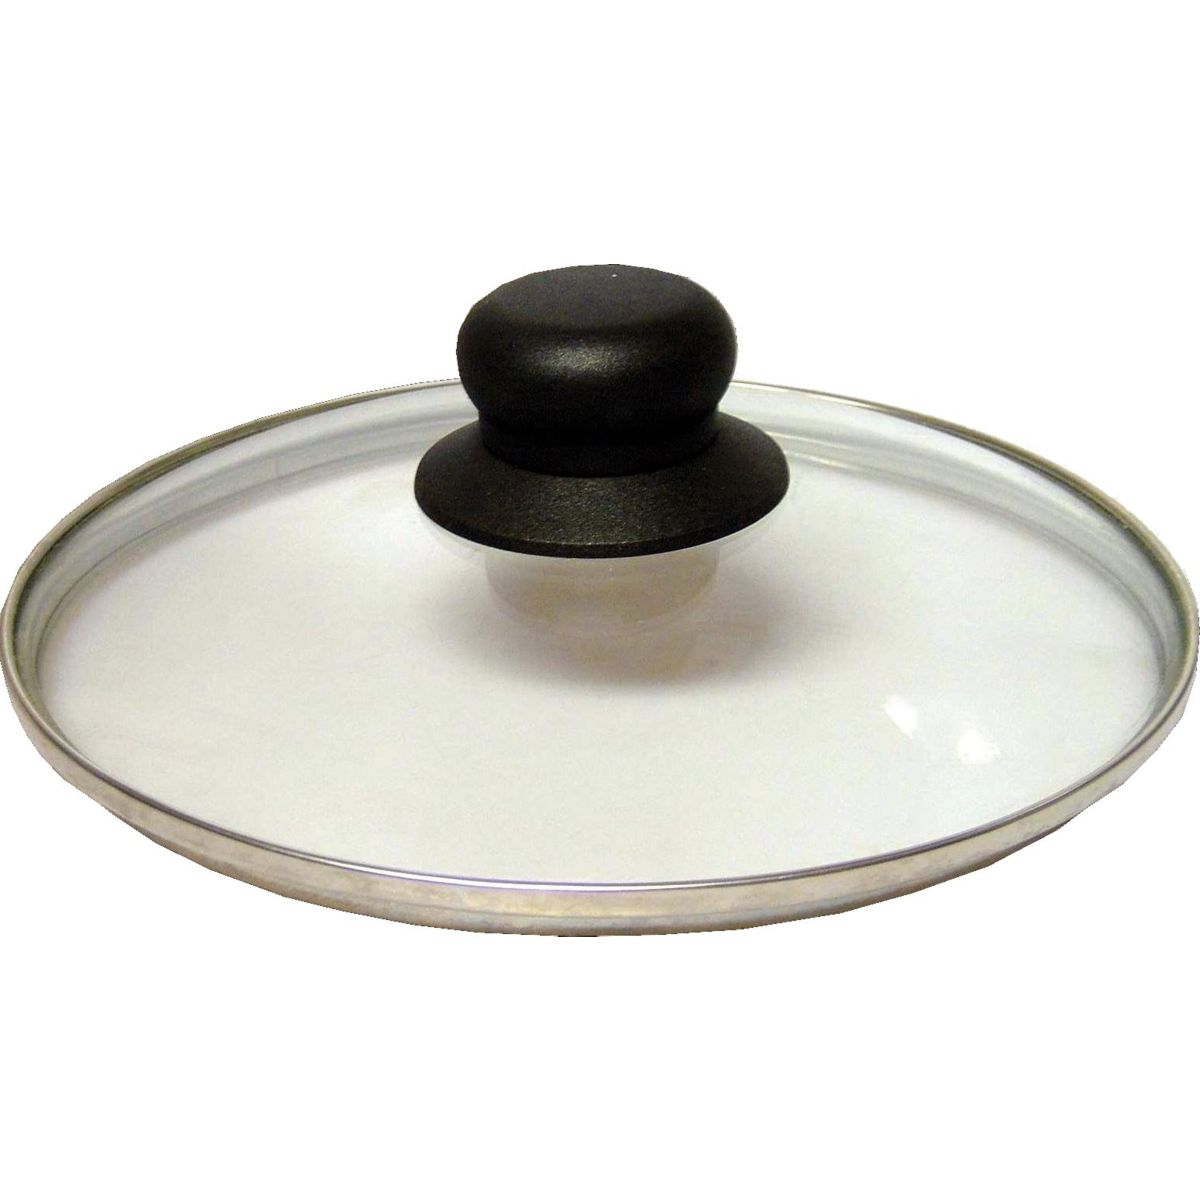 Couvercle BAUMALU en verre diam 20 cm